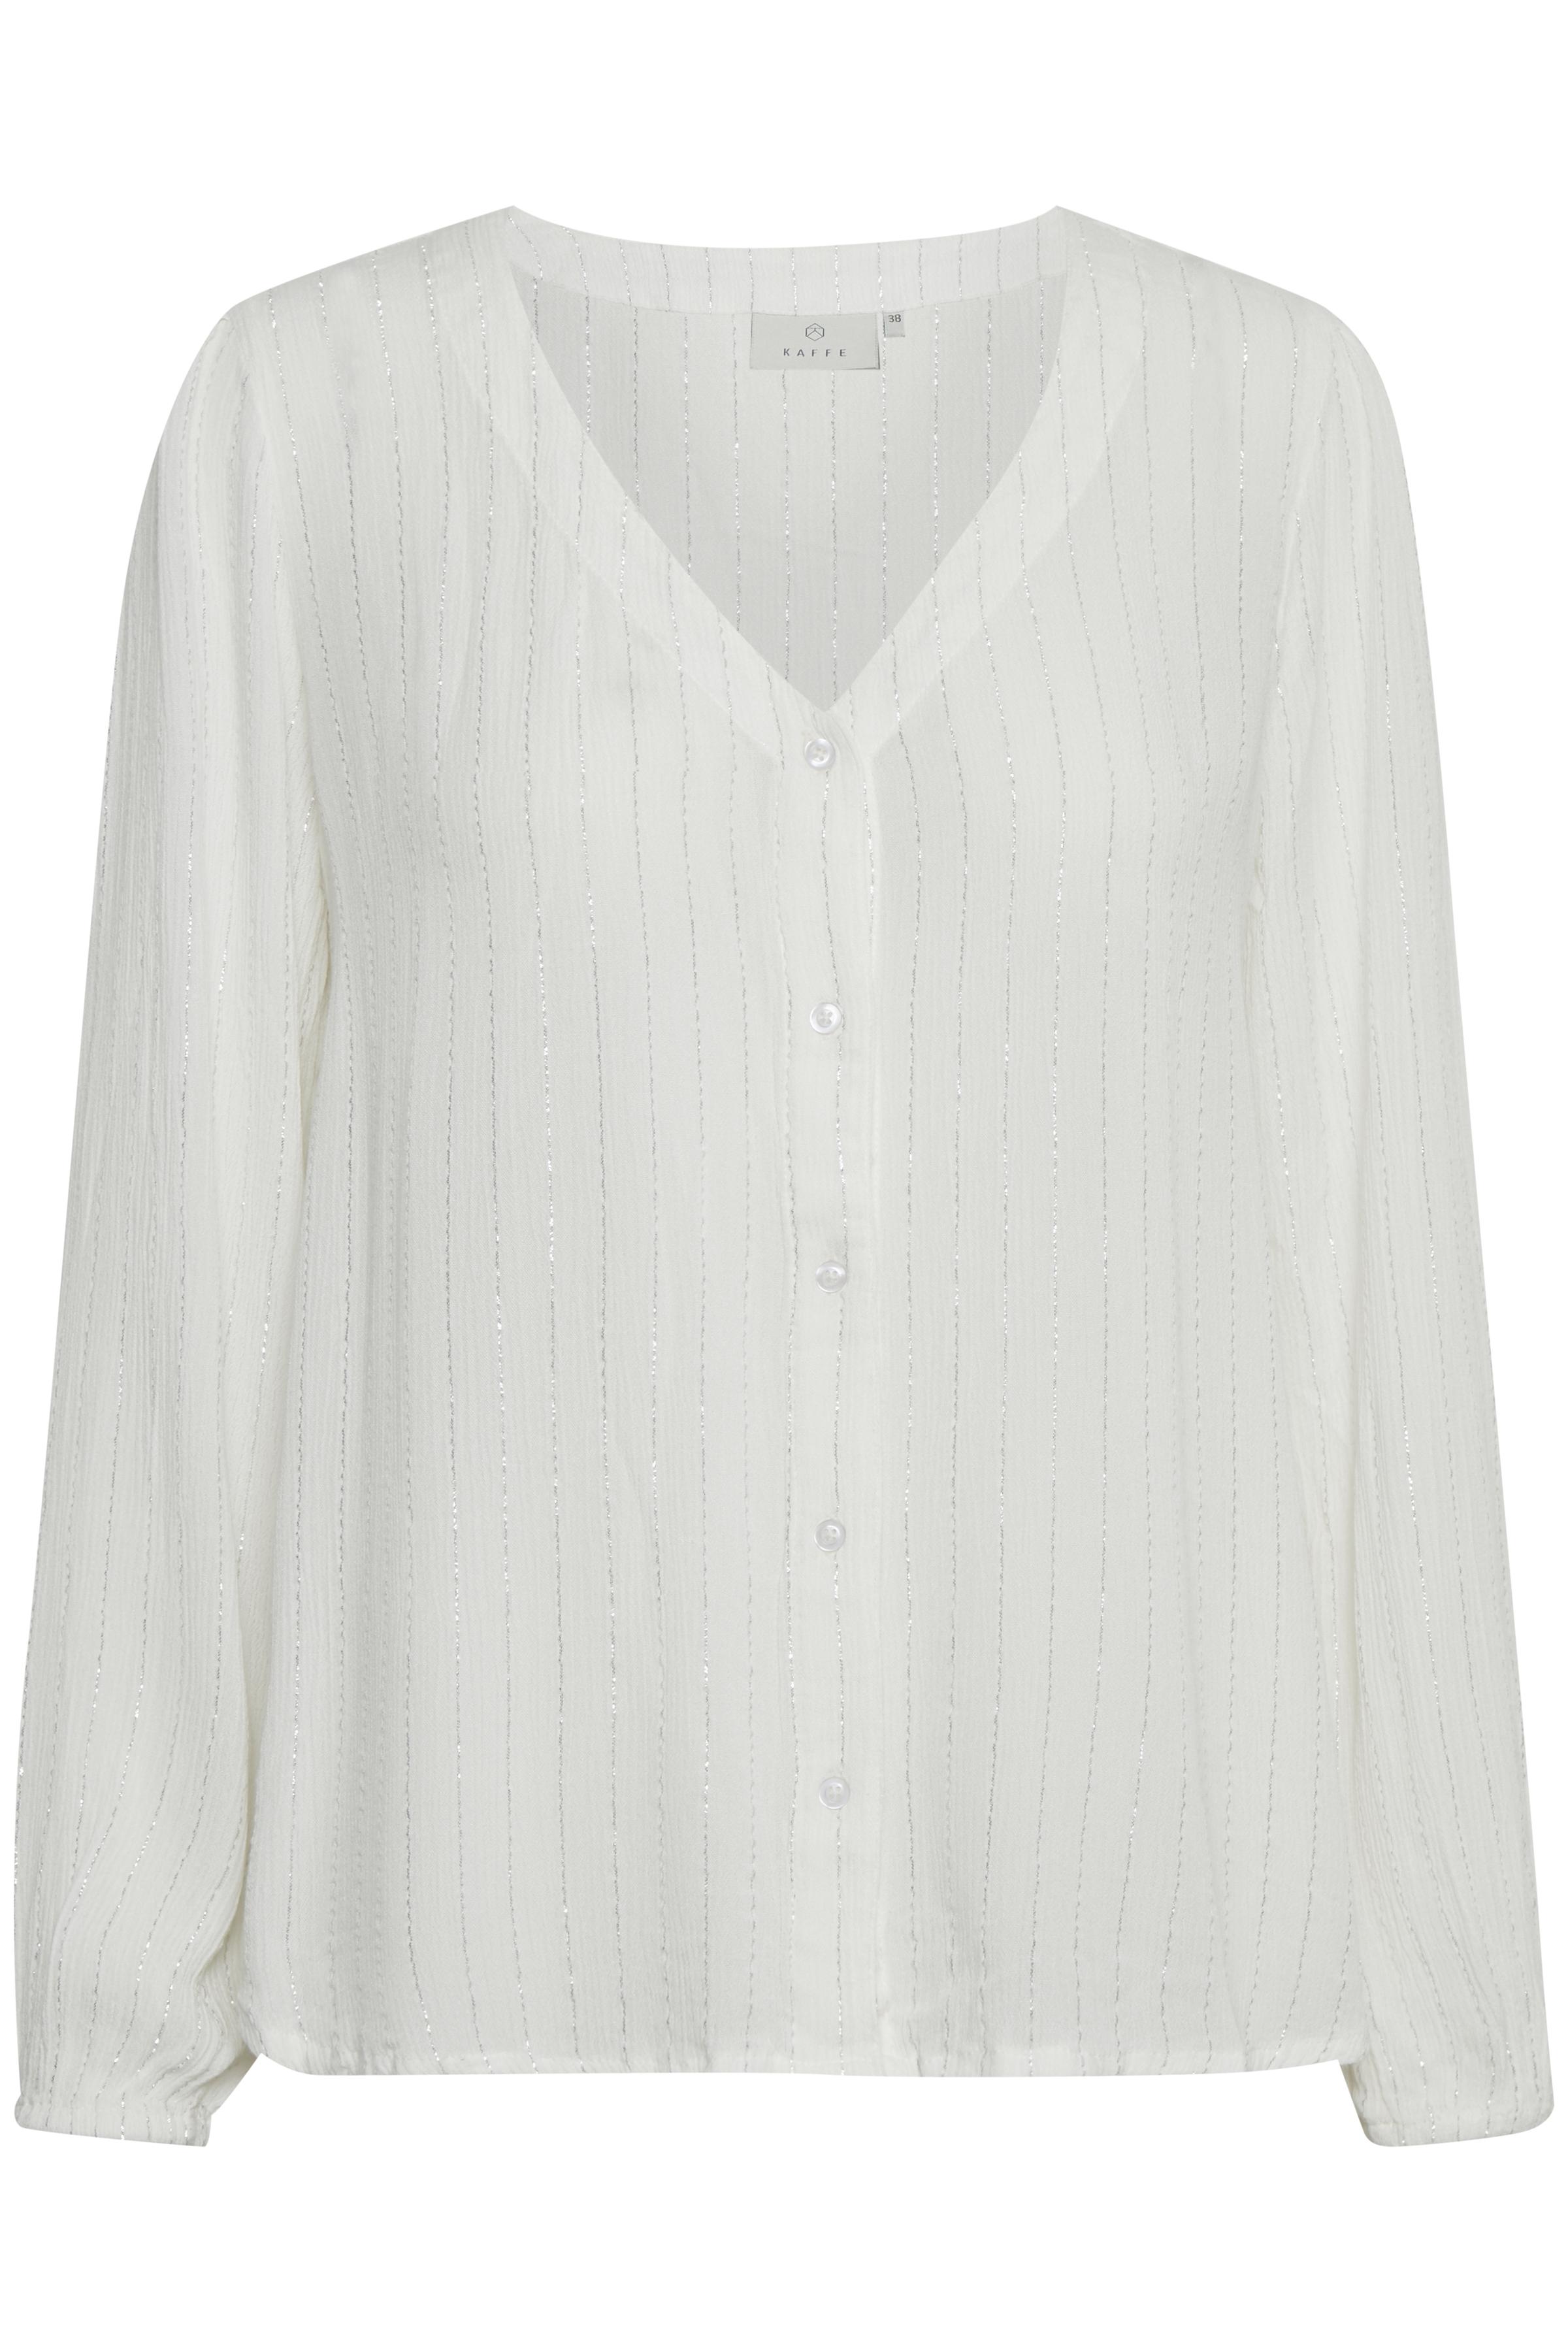 Image of Kaffe Dame Skjorte - Off-white/sølv